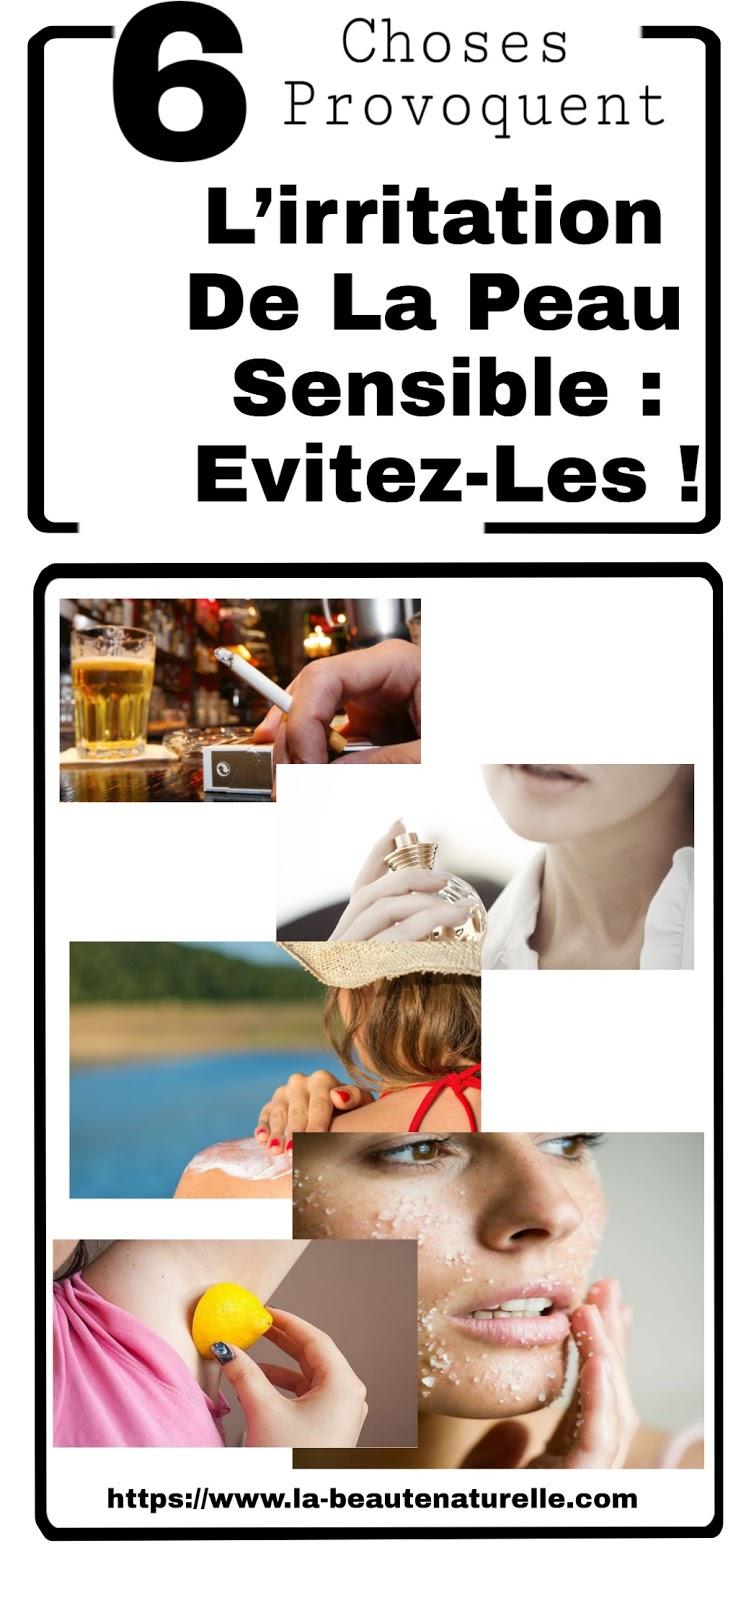 6 Choses Provoquent L'irritation De La Peau Sensible : Evitez-Les !